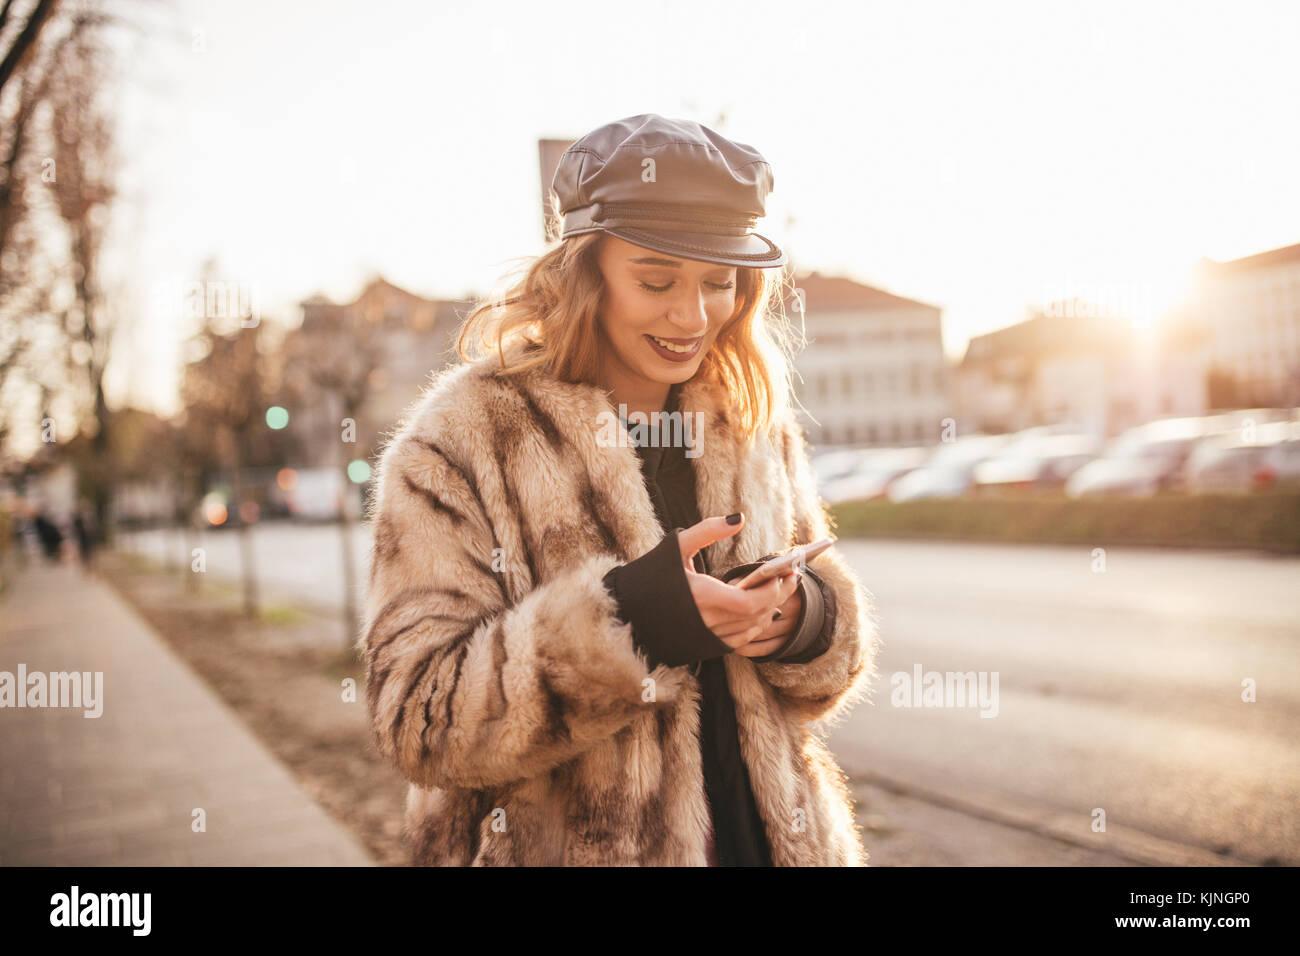 Schöne Mädchen lächelnd und Textnachrichten auf Ihr Mobiltelefon auf den Straßen der Stadt Stockbild